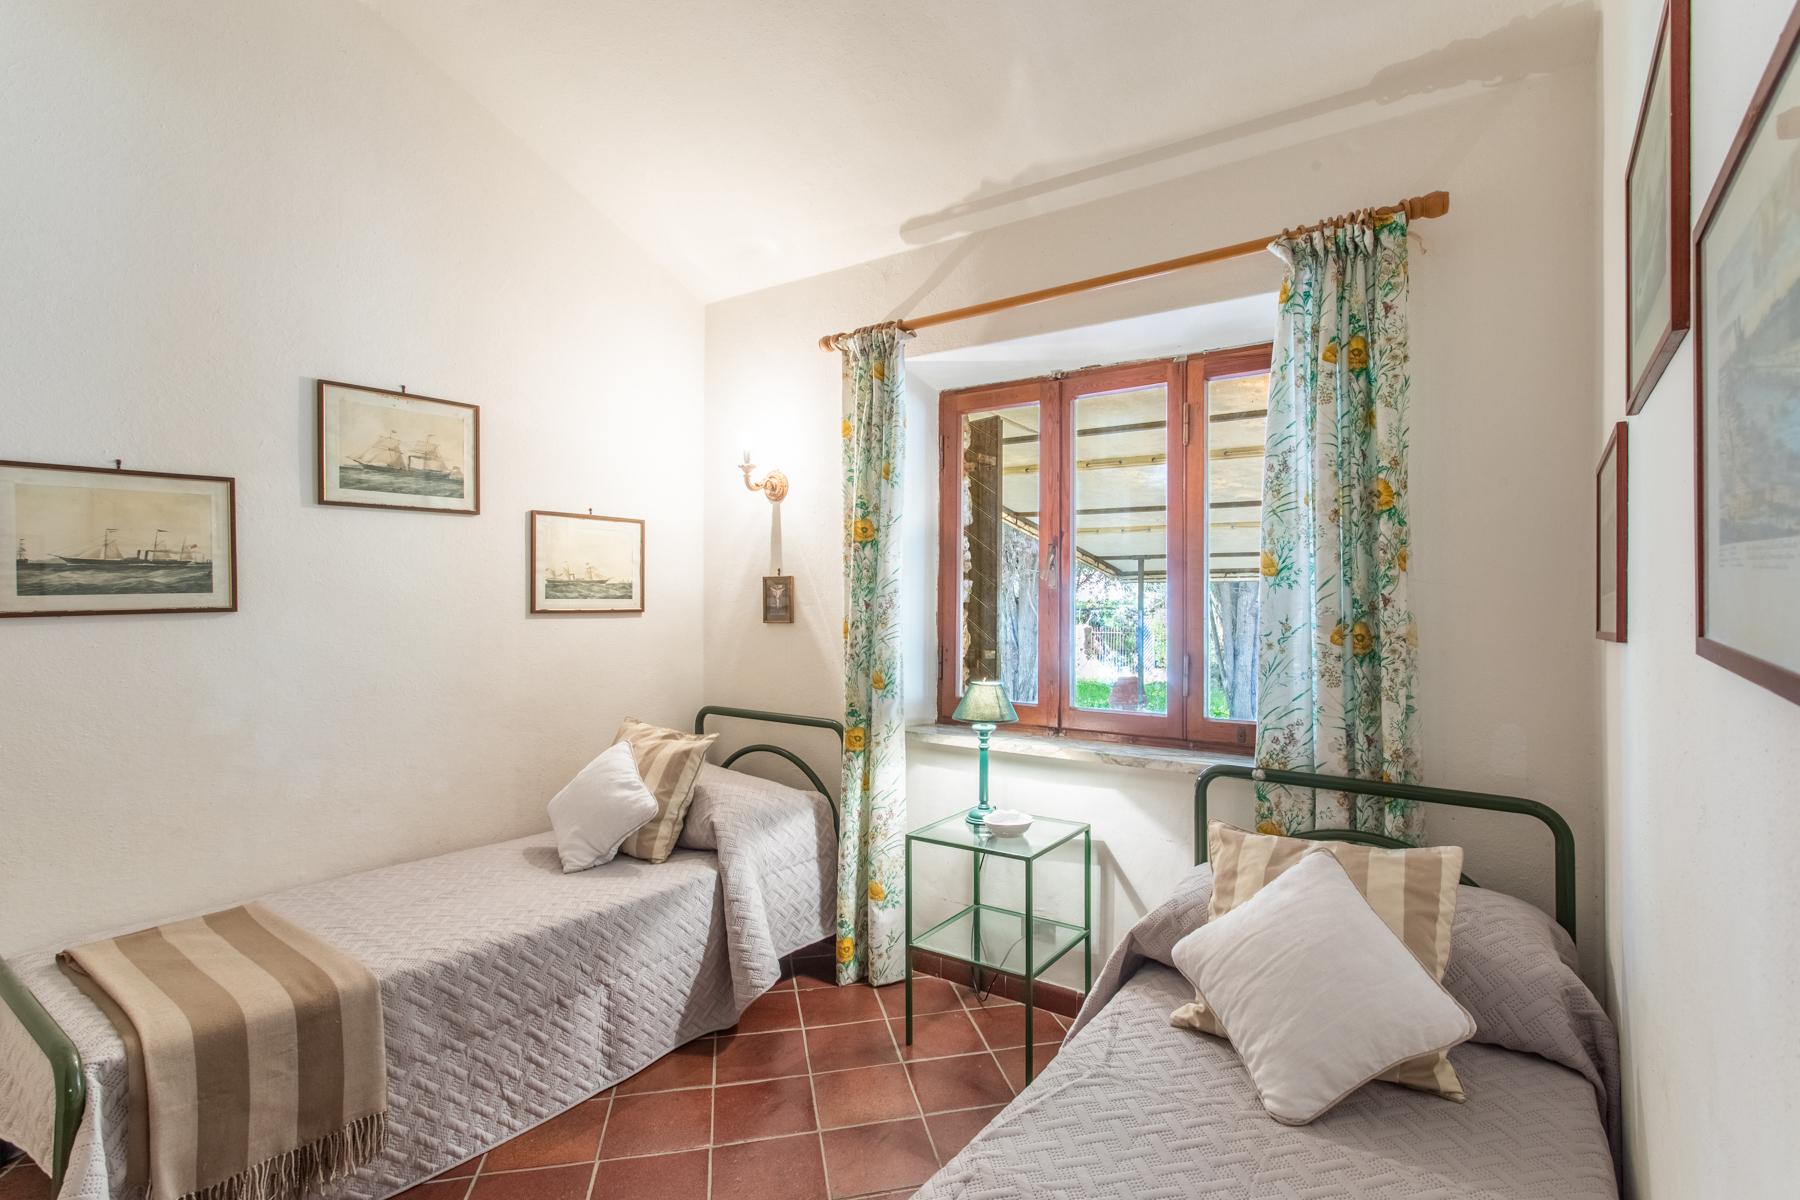 Villa in Vendita a Orbetello: 5 locali, 240 mq - Foto 19